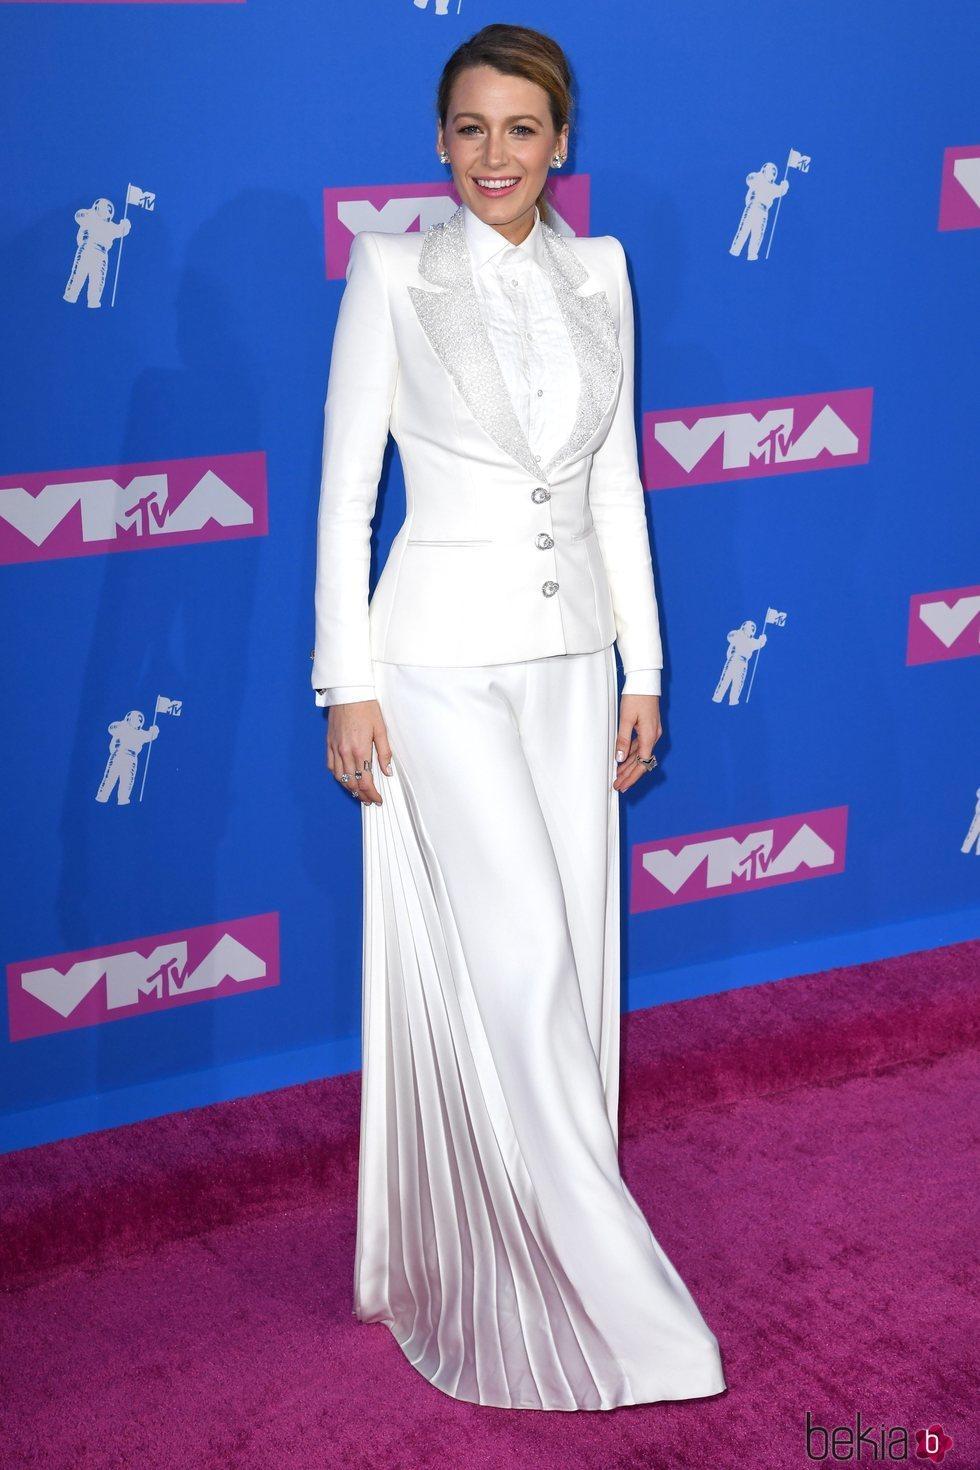 Blake Lively en la alfombra roja de los VMAs 2018